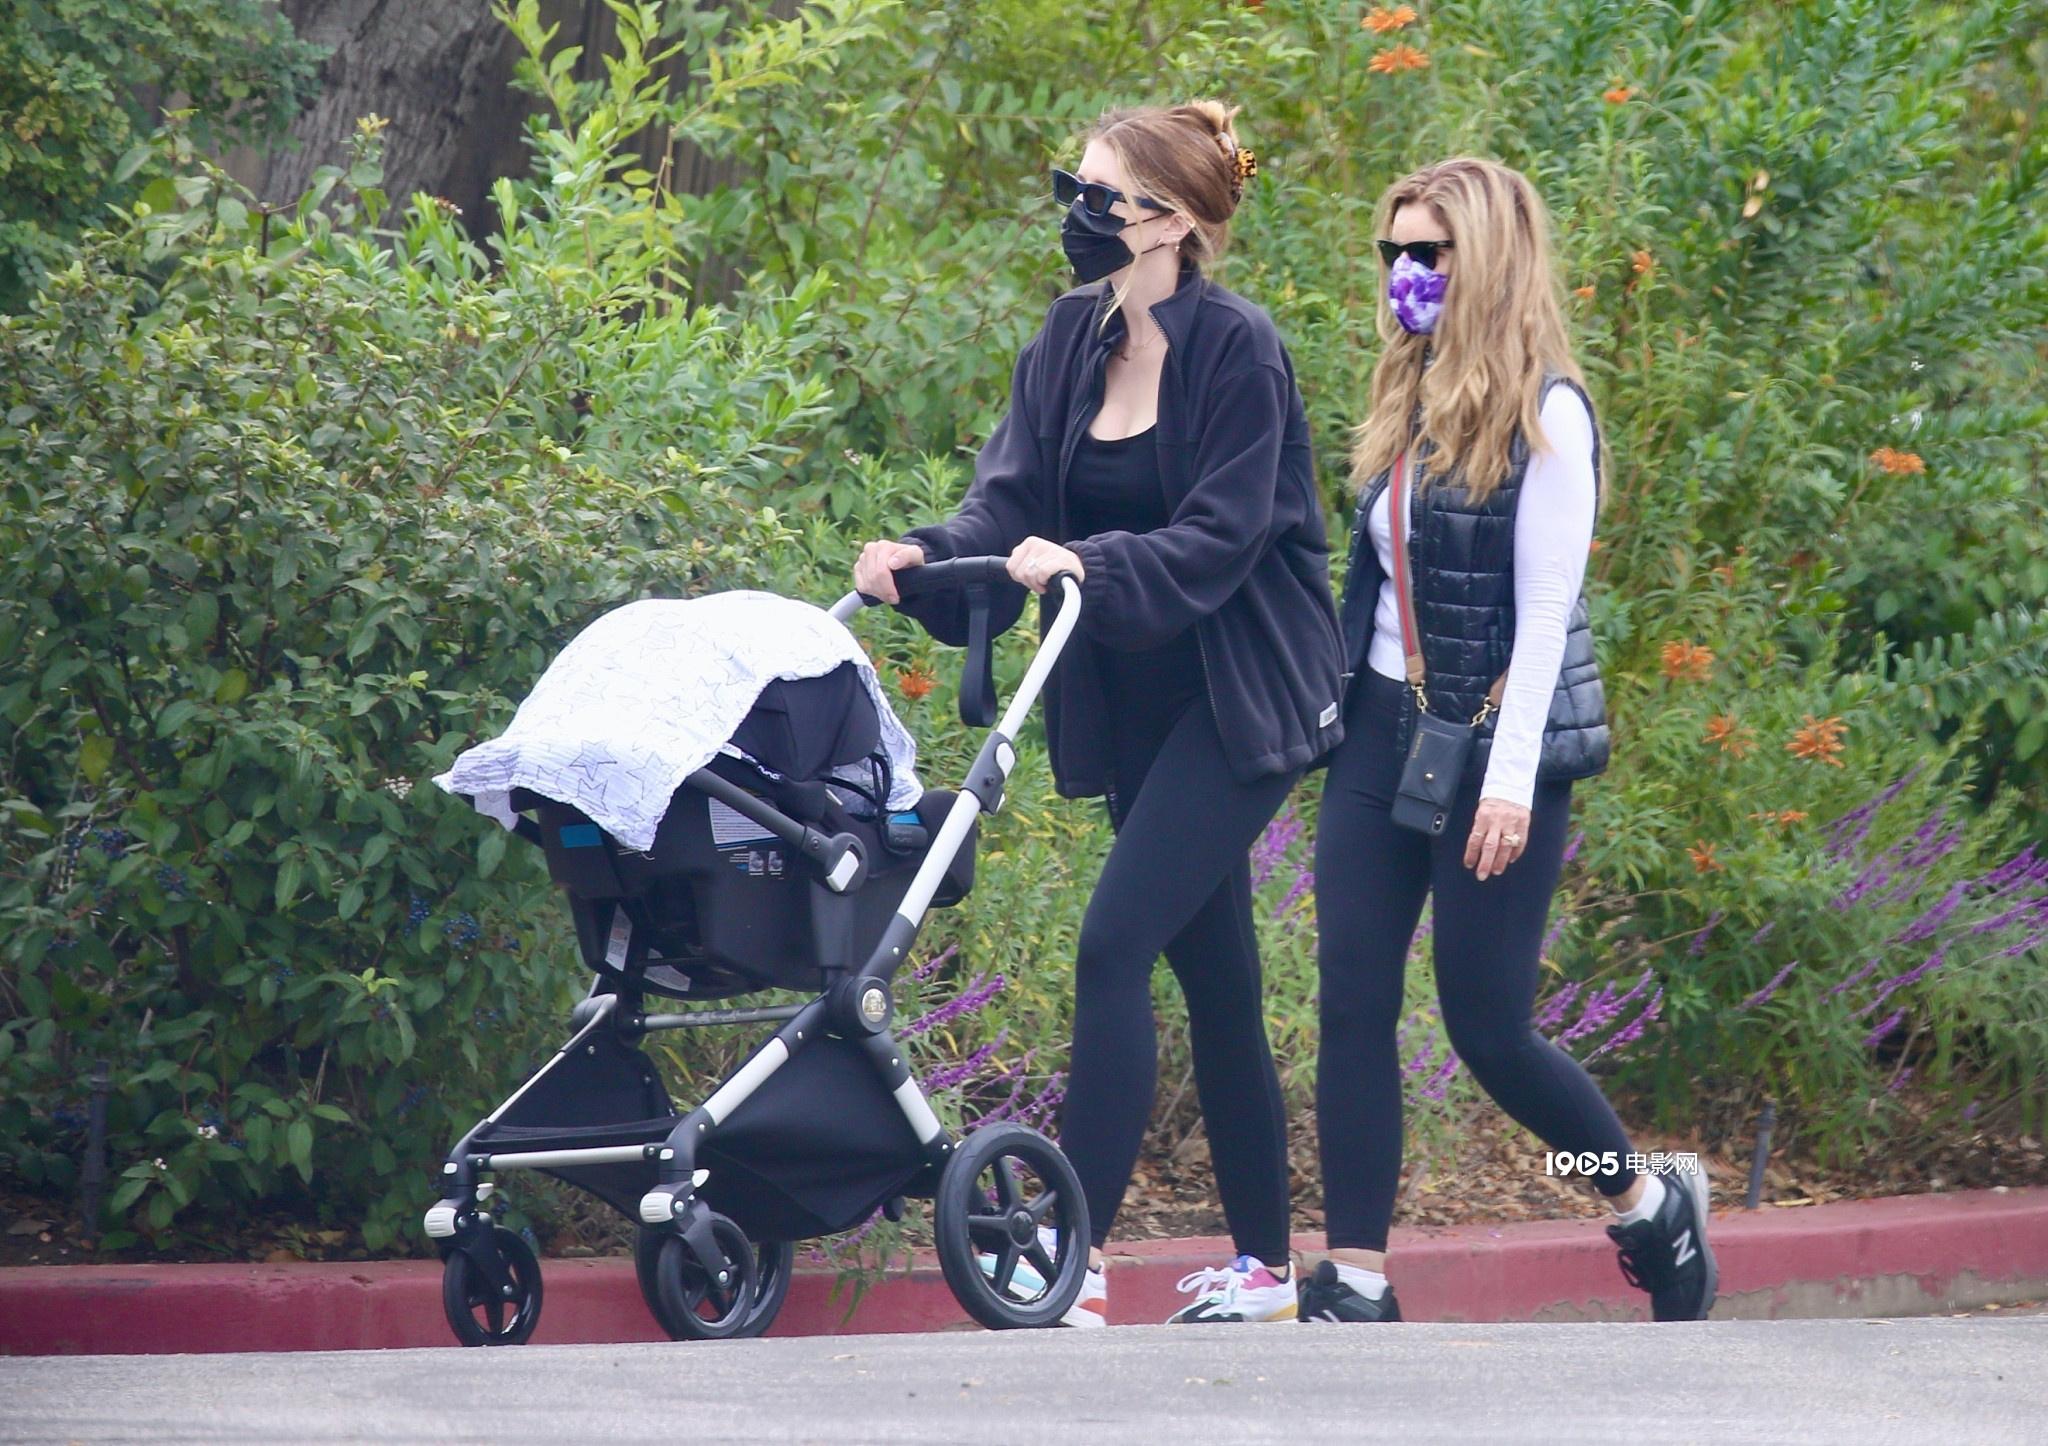 星爵娇妻产后不足两月极速瘦身 推女儿散步秀蛮腰 第1张